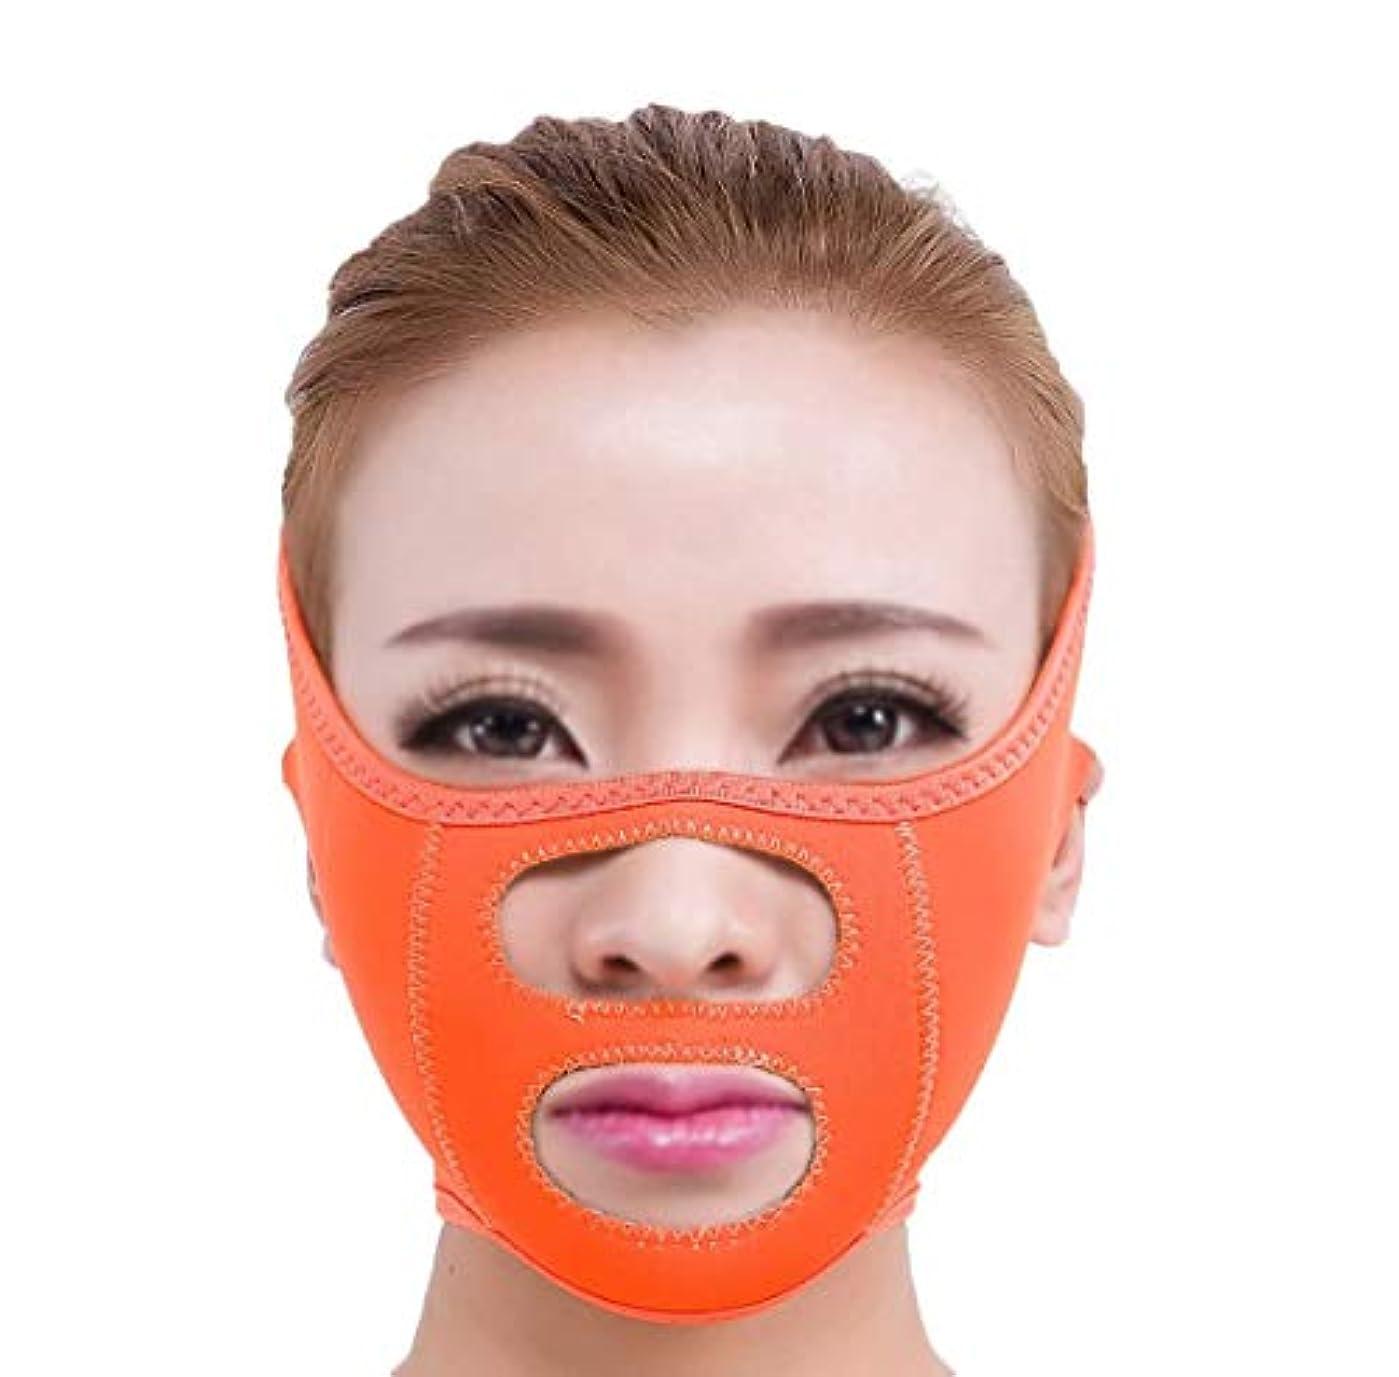 忙しいビジュアル偏心HEMFV 顔の頬のV形状は、通気性の圧縮二重あごが包帯を減らしてスムーズな薄いマスクストラップフェイスラインをリフトアップ (Color : Orange)